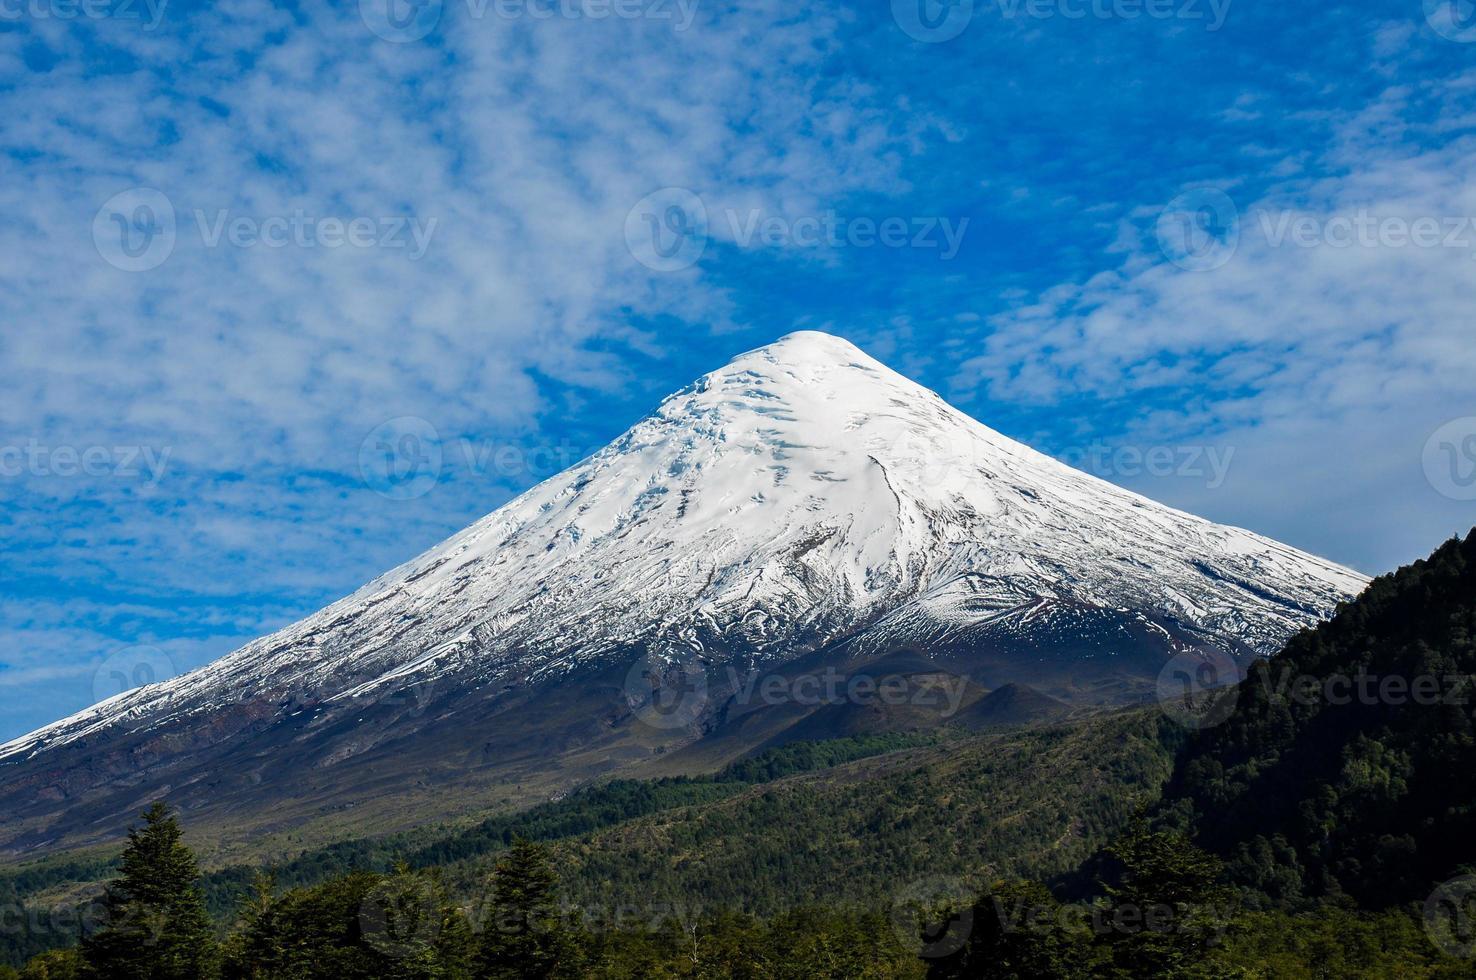 osorno vulkaan gezien vanaf lago todos los santos, chili foto